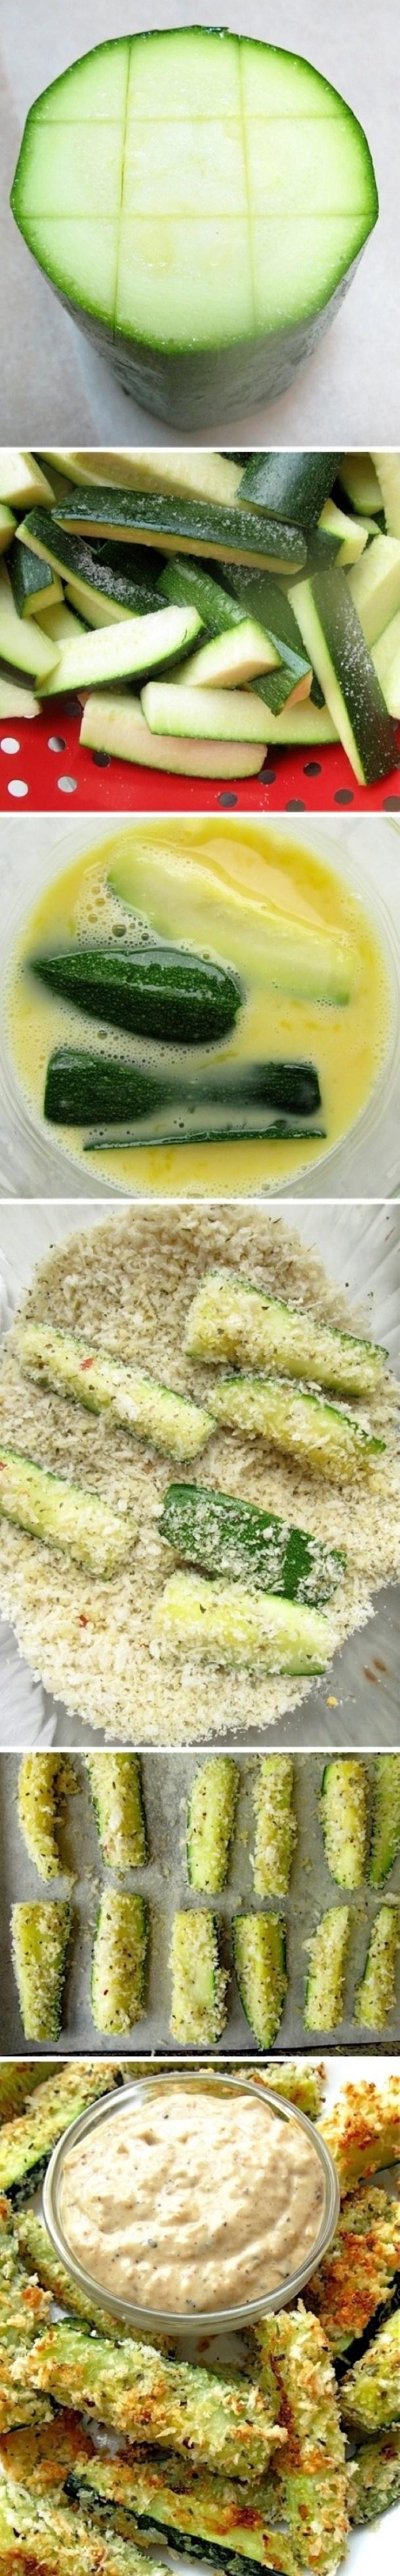 courgette sticks (gebakken in de oven) met een dipsausje Door kaylie